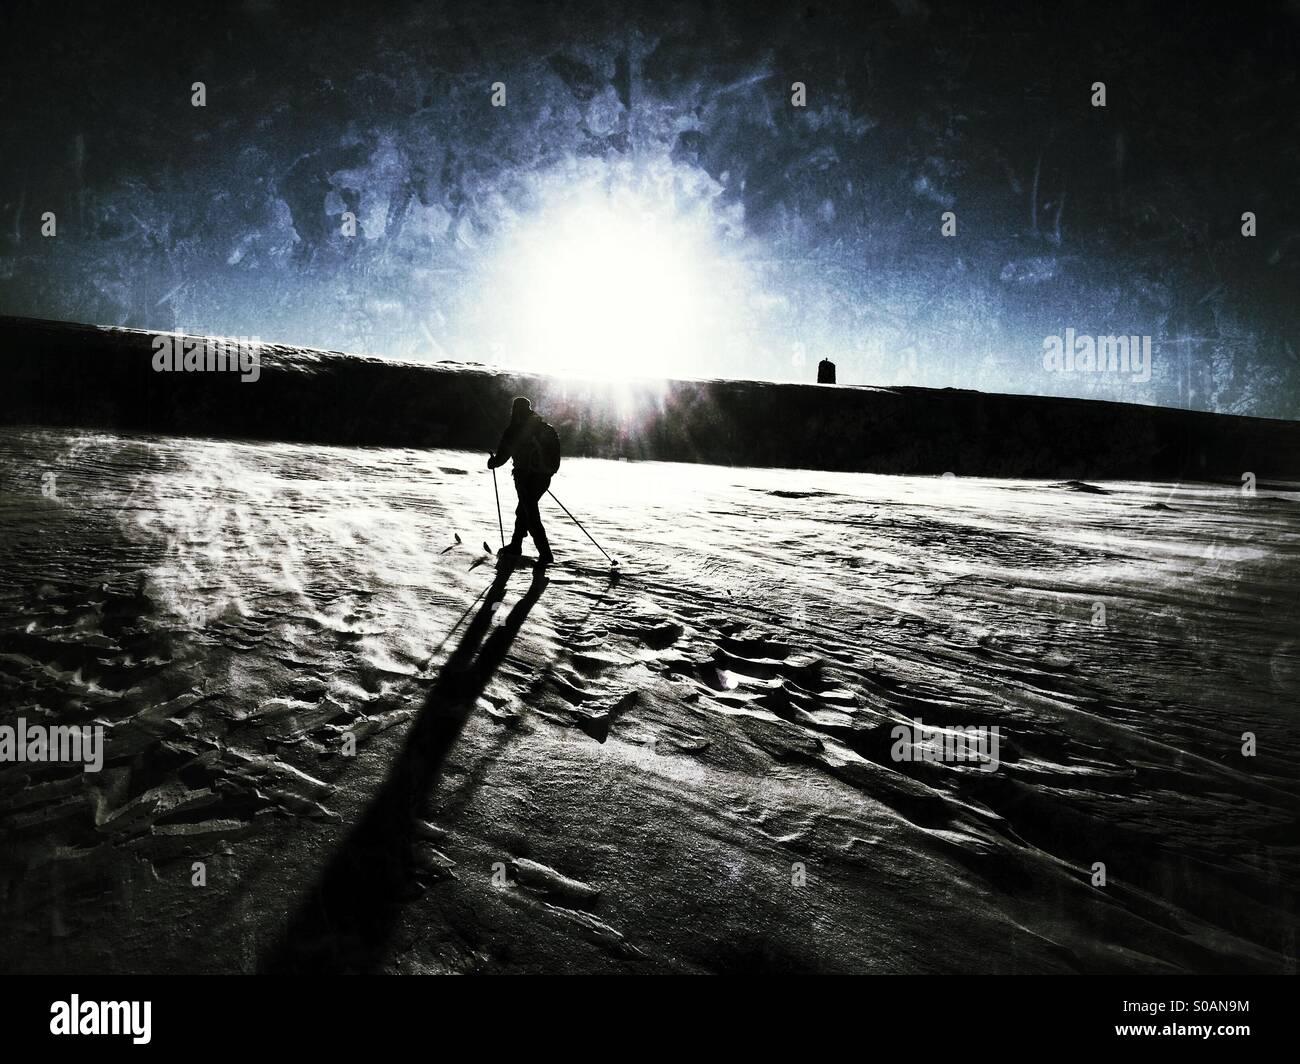 Nordische Ski Langlaufen gehen, in die Sonne wirft einen langen Schatten. Stockbild